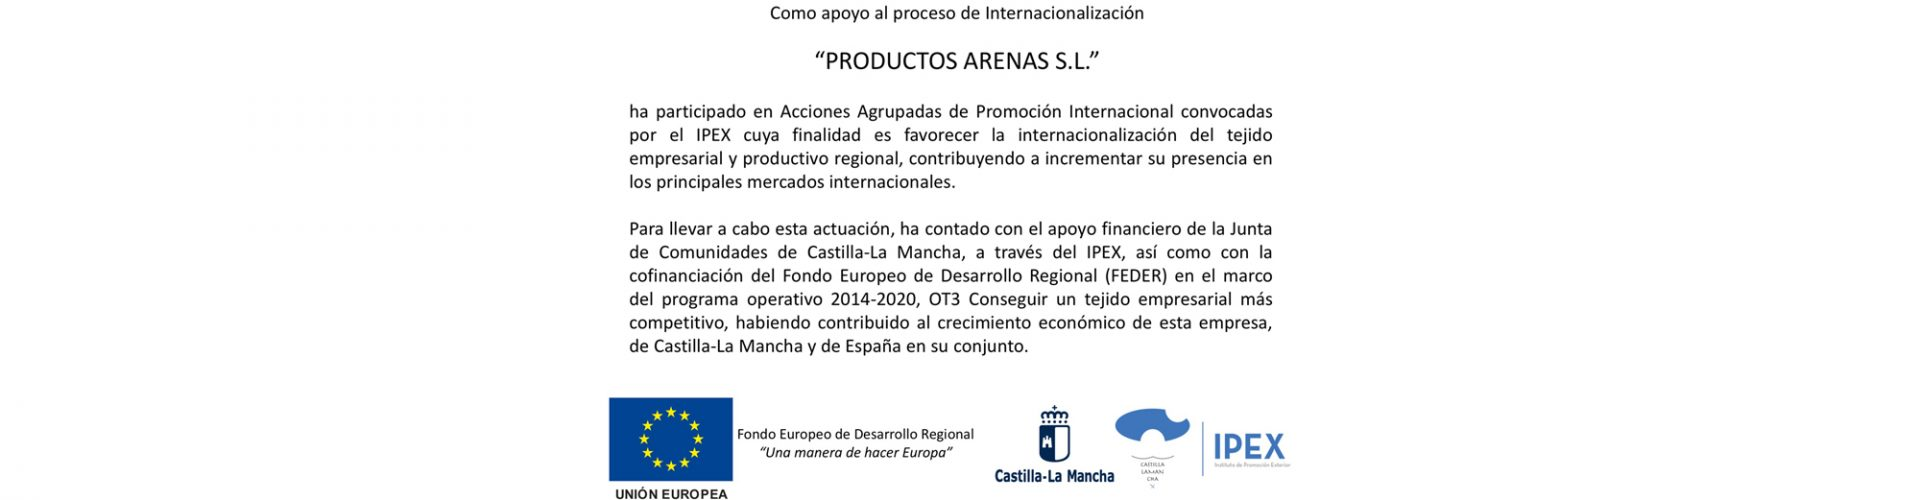 (Español) Apoyo al proceso de Internacionalización